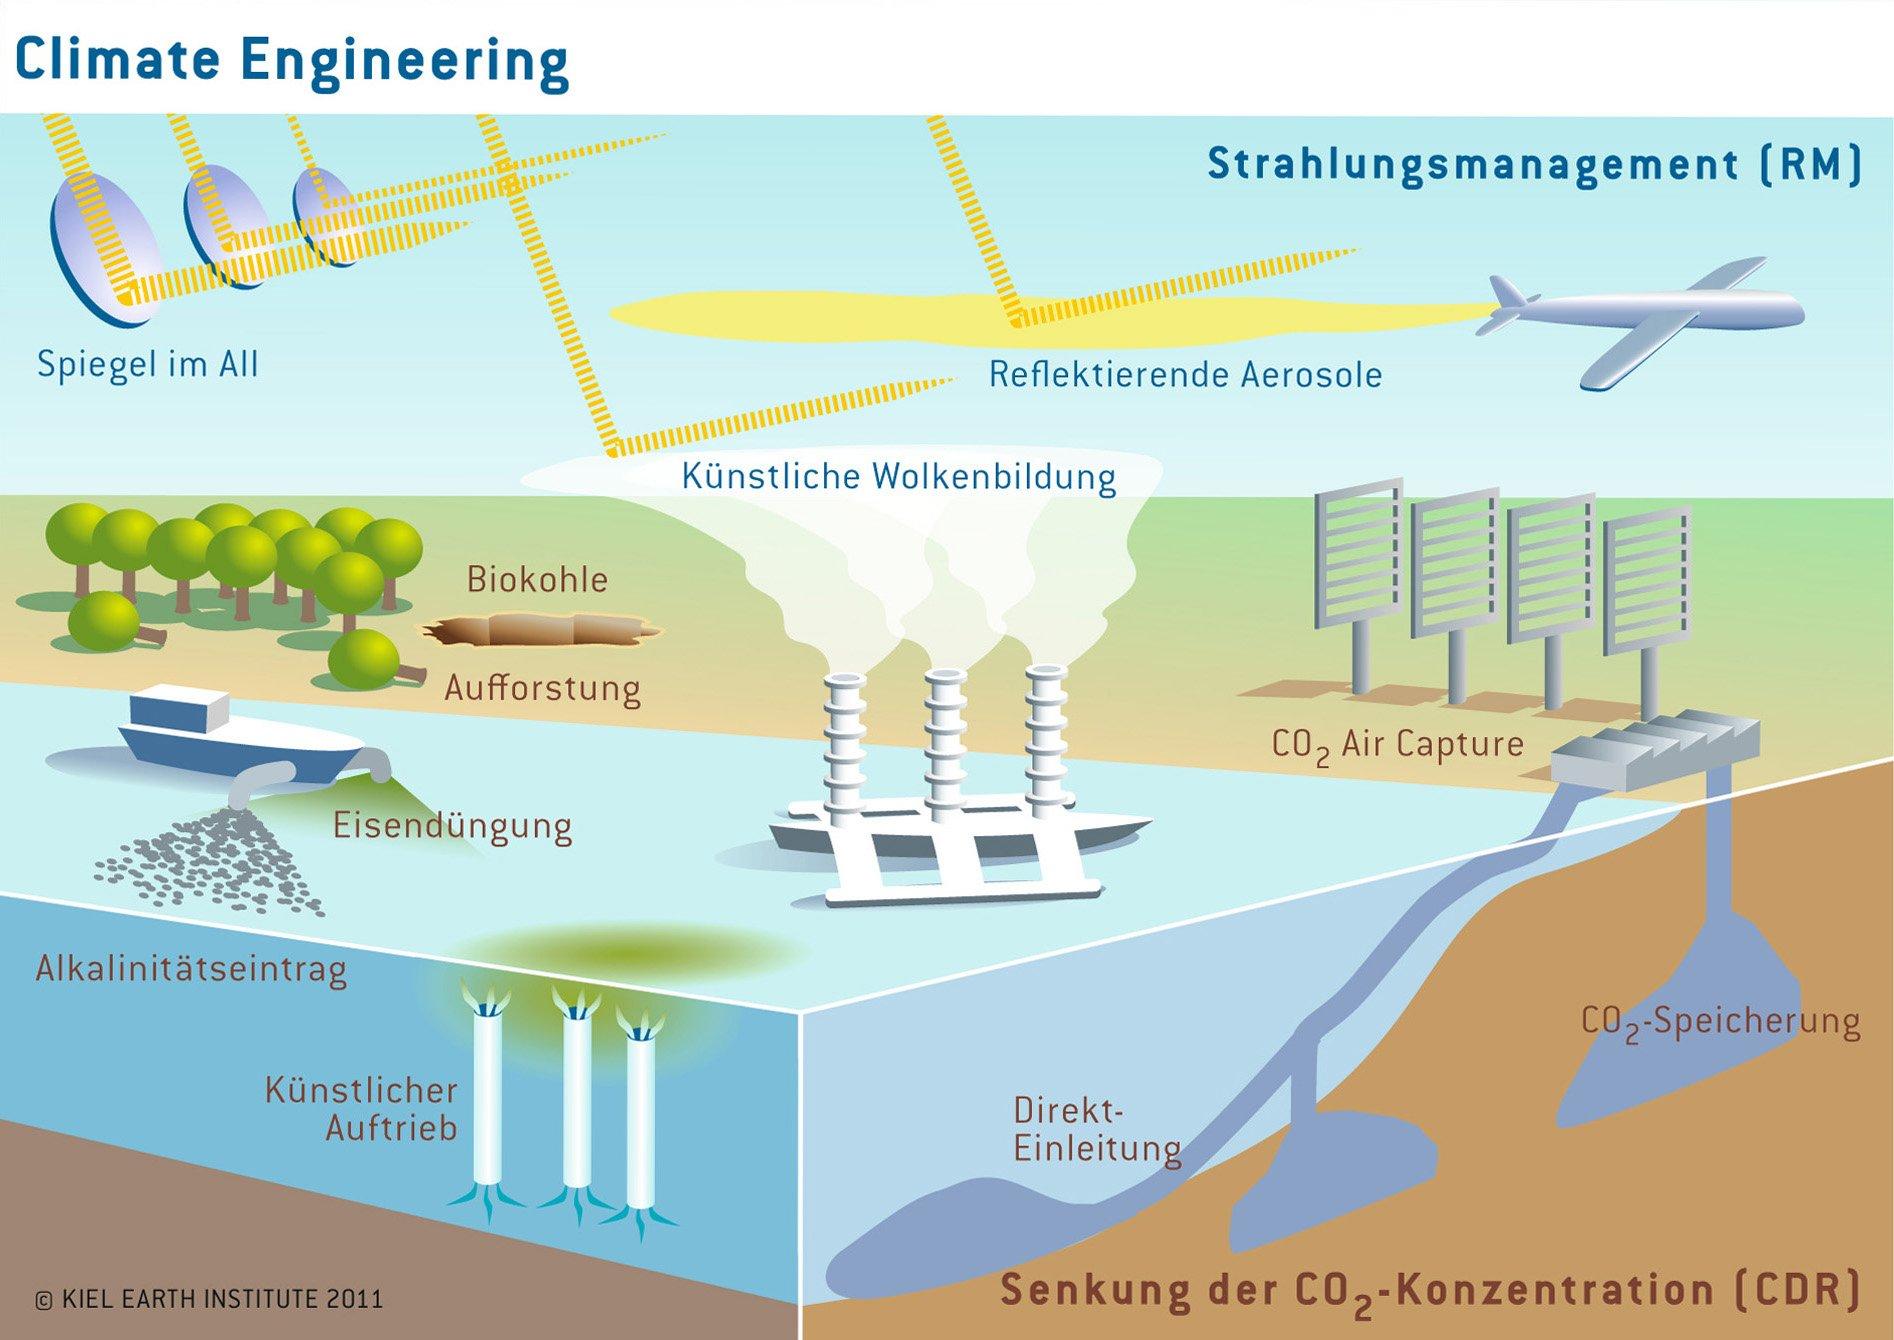 Es gibt verschiedene Möglichkeiten, den Ausstoß von Kohlendioxid durch Technik zu vermindern und damit den Klimawandel zu bremsen.